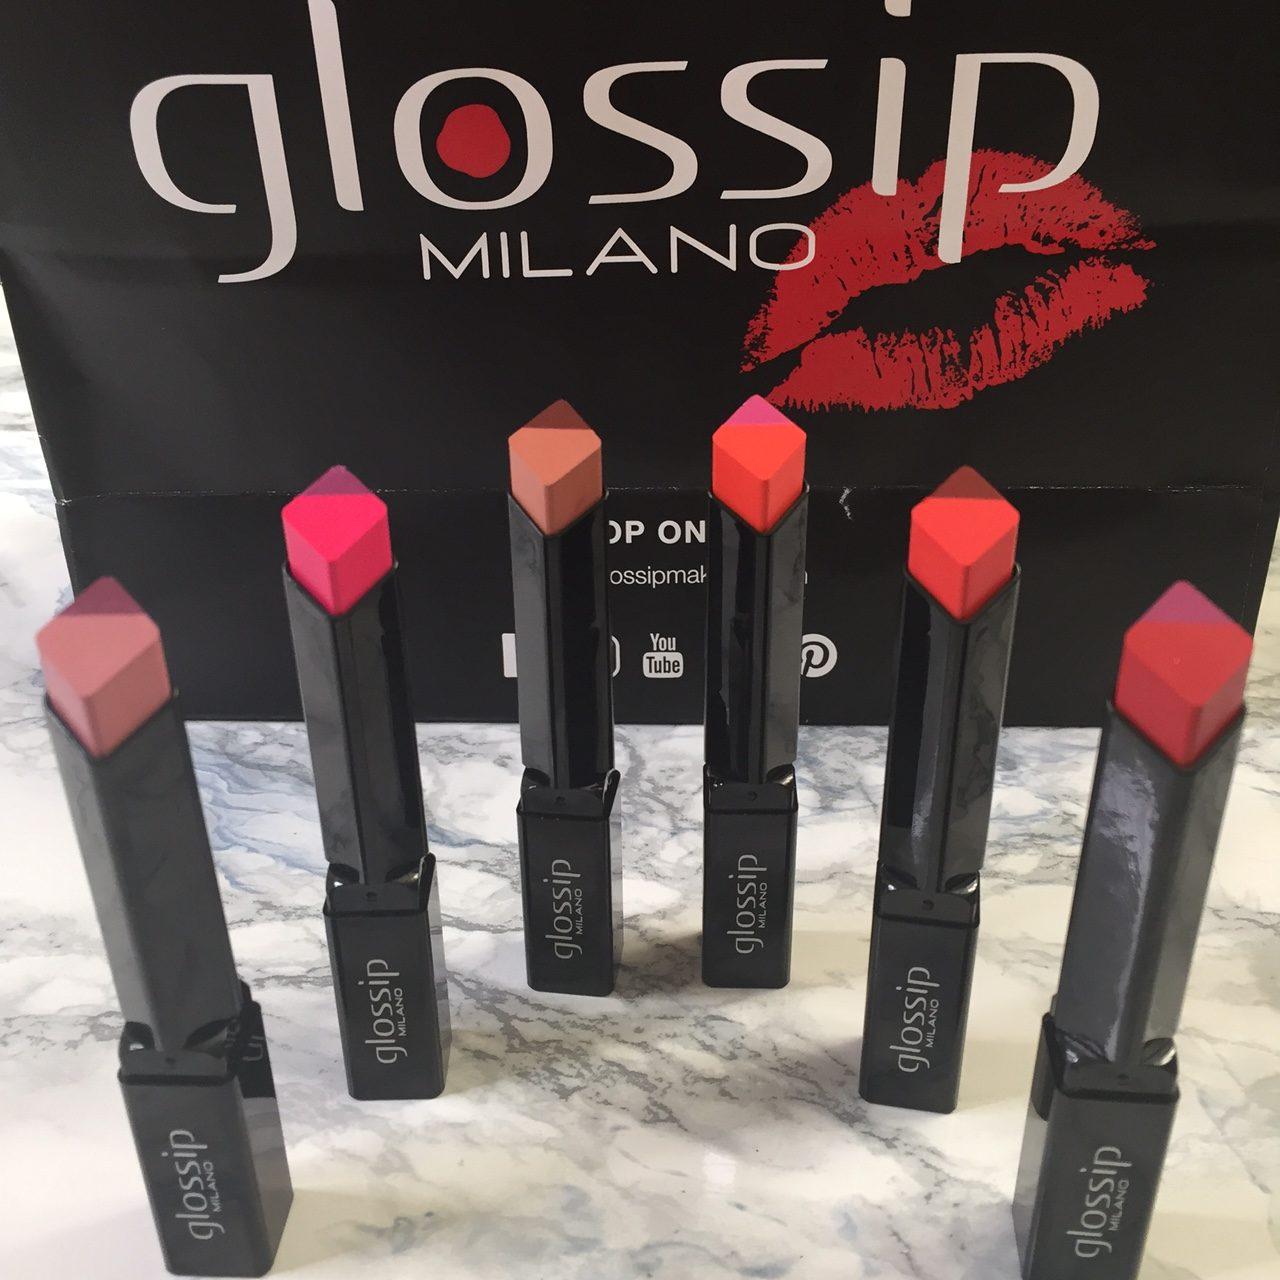 Rossetto Duo, il new duo lipstick by Glossip Milano